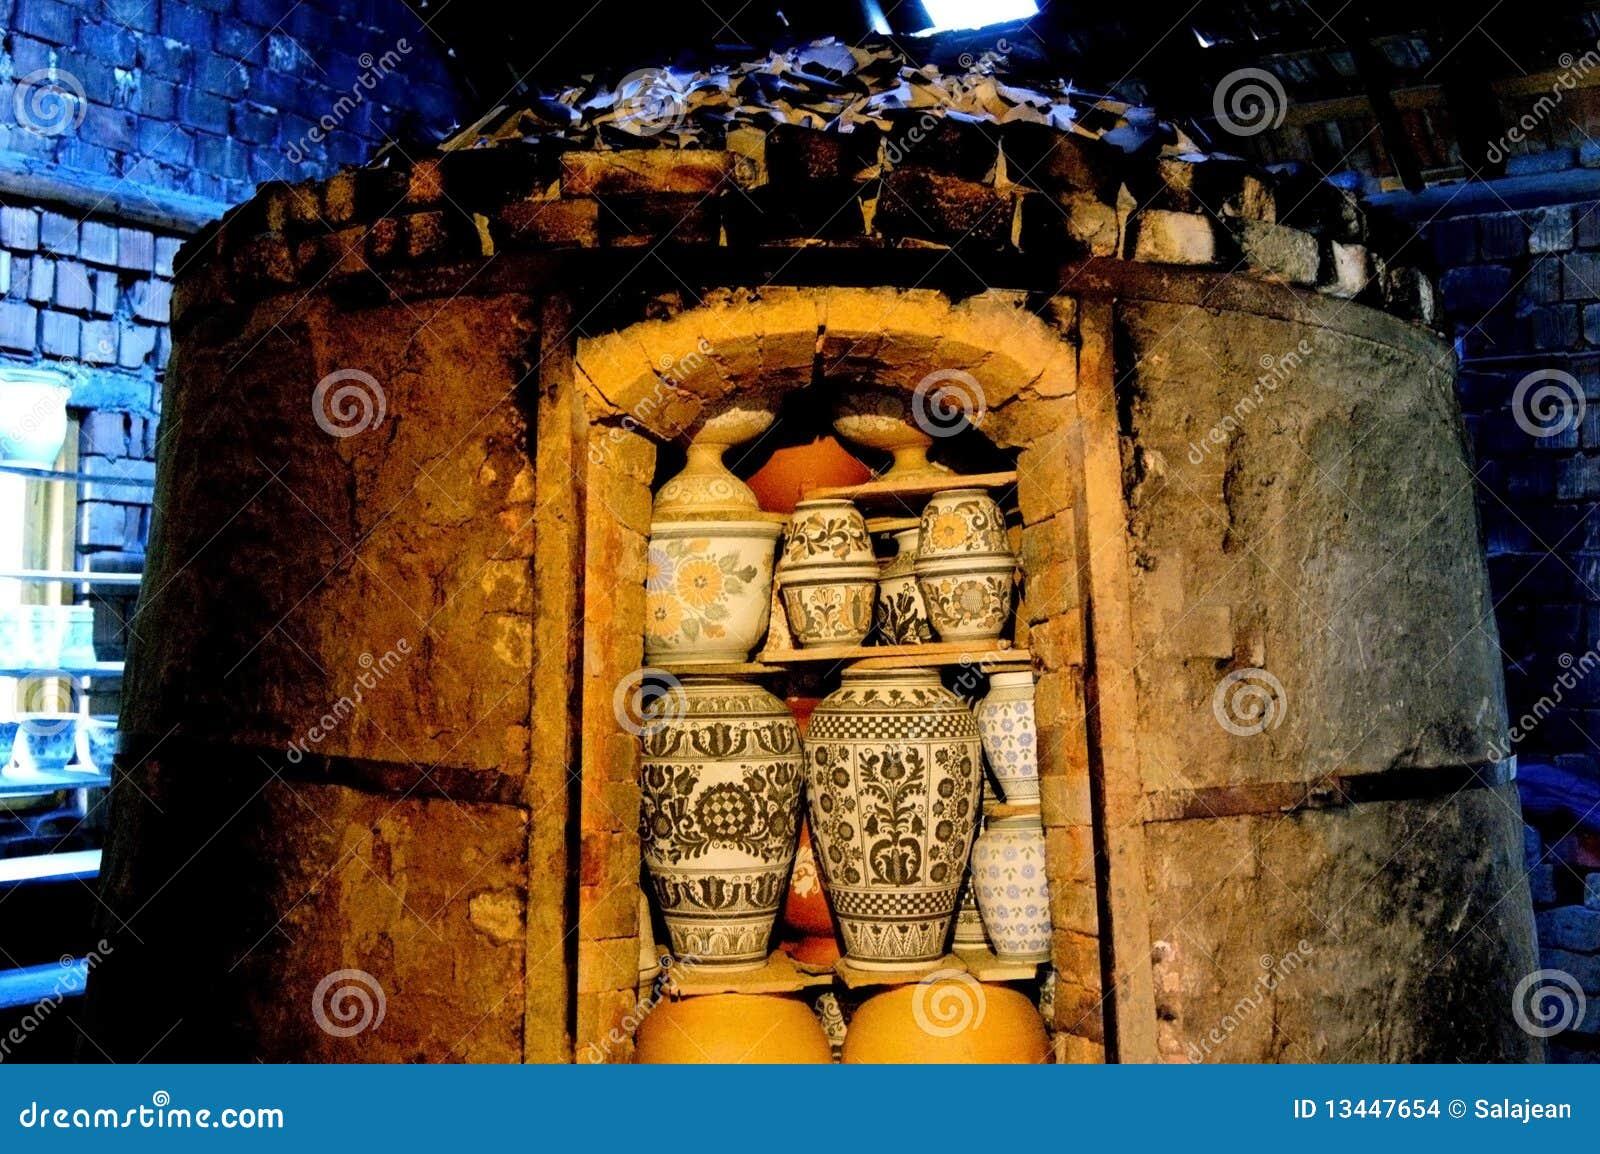 Horno horno para quemar cer mica de la asaci n imagenes for Calcomanias para ceramica horno